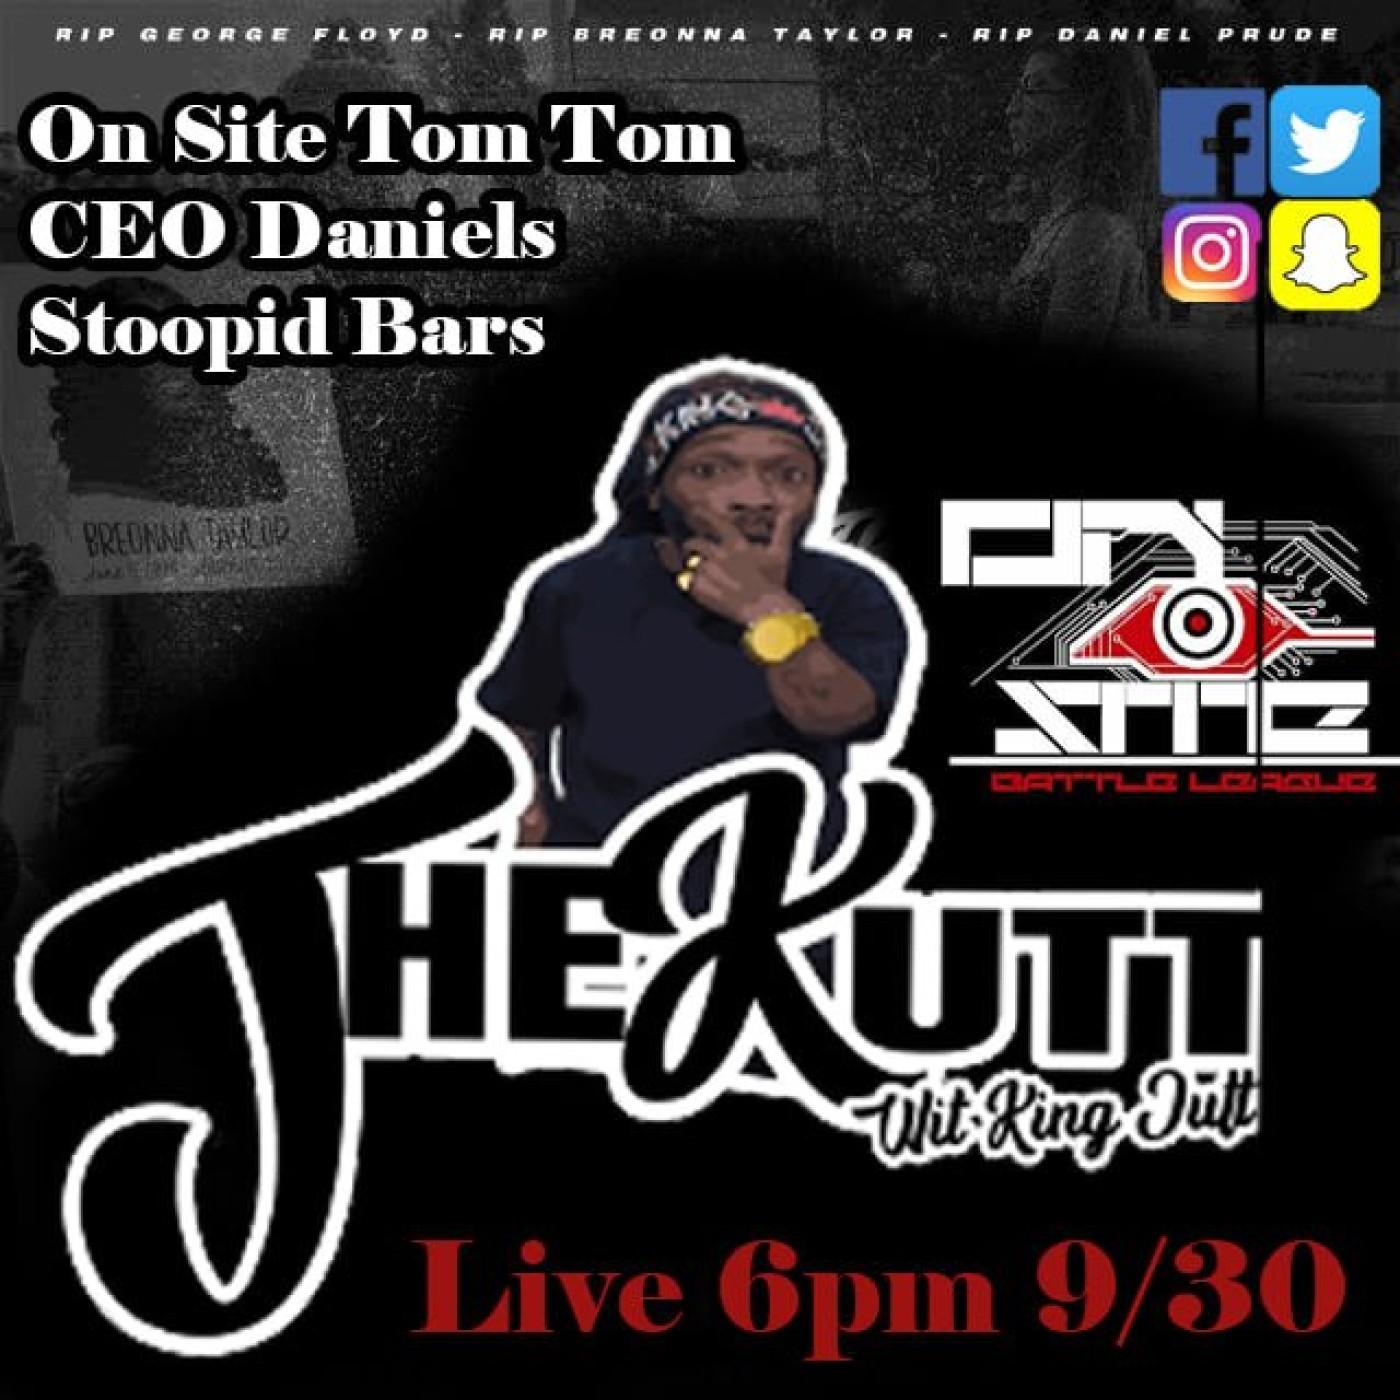 The Kutt wit King Jutt Episode 12 wit ONSITE BATTLE LEAGUE